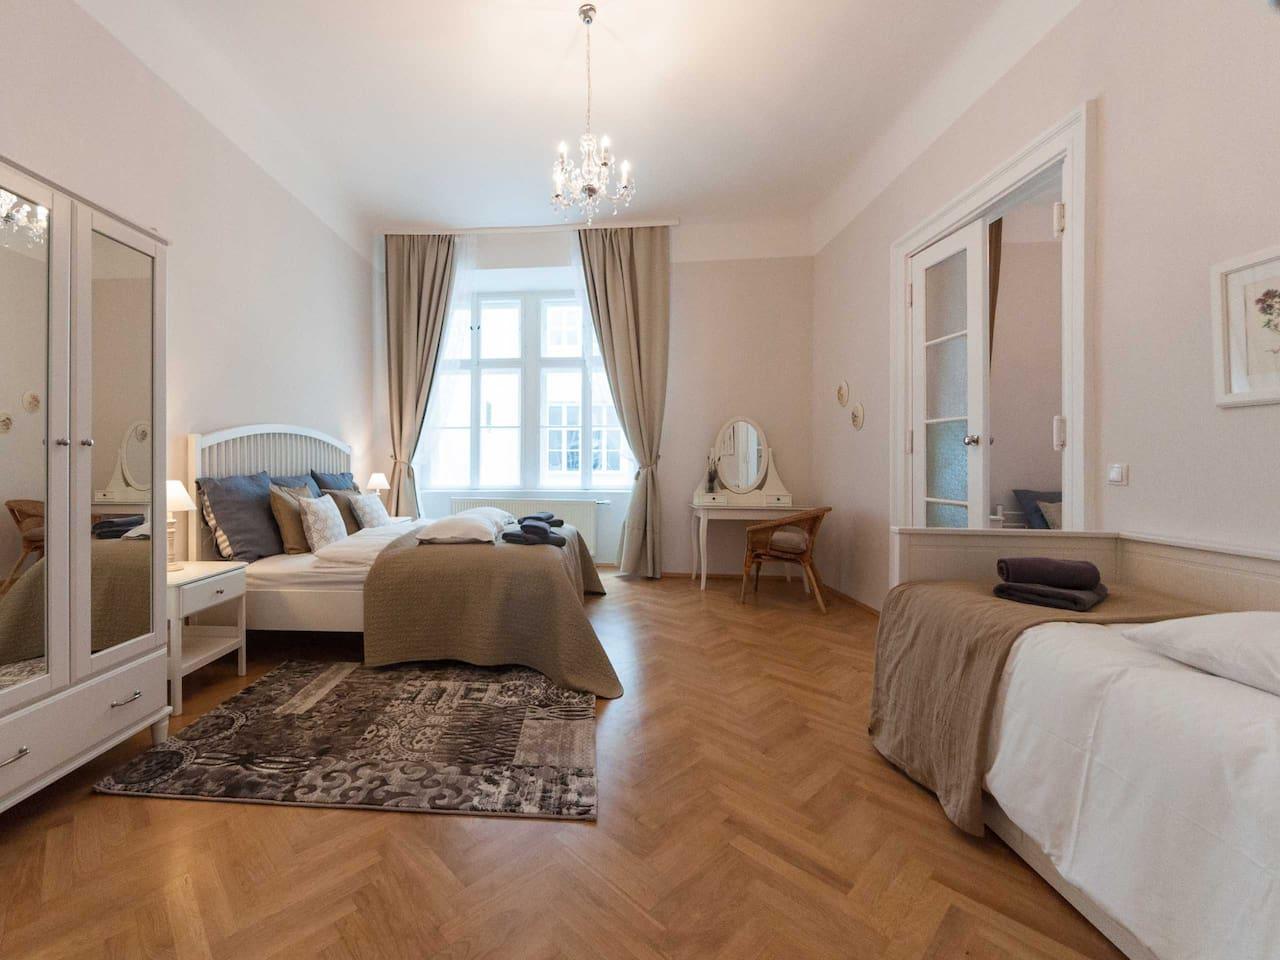 Master bedroom king size bed (180x200cm), dresser